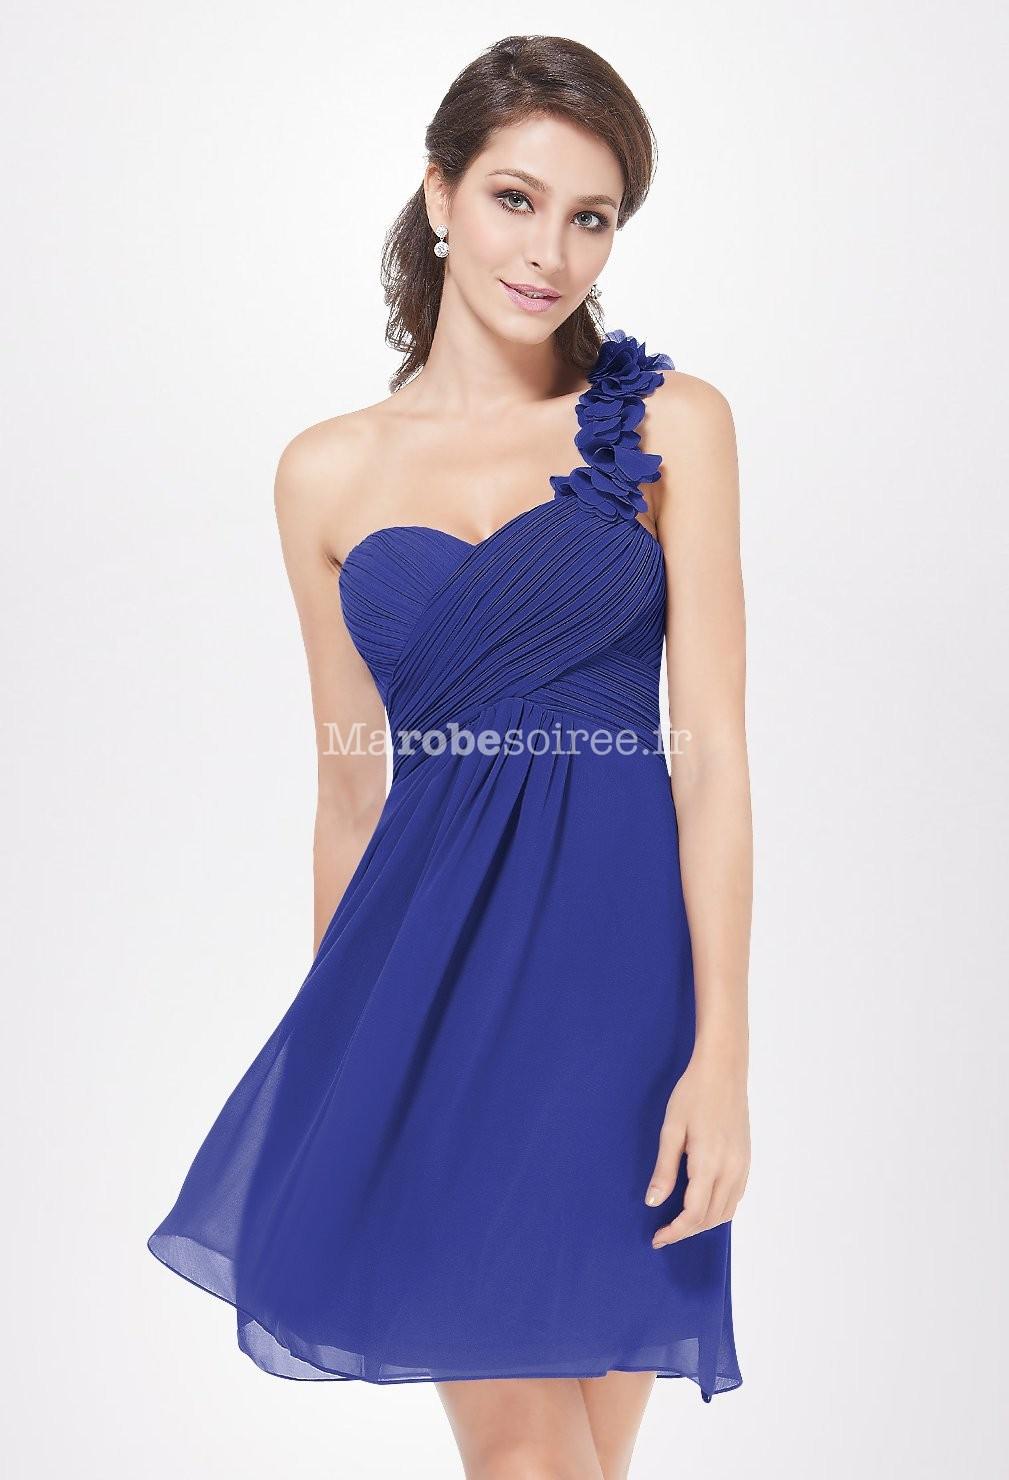 Robe la mode robe soiree courte asymetrique for Robes de mariage kohl